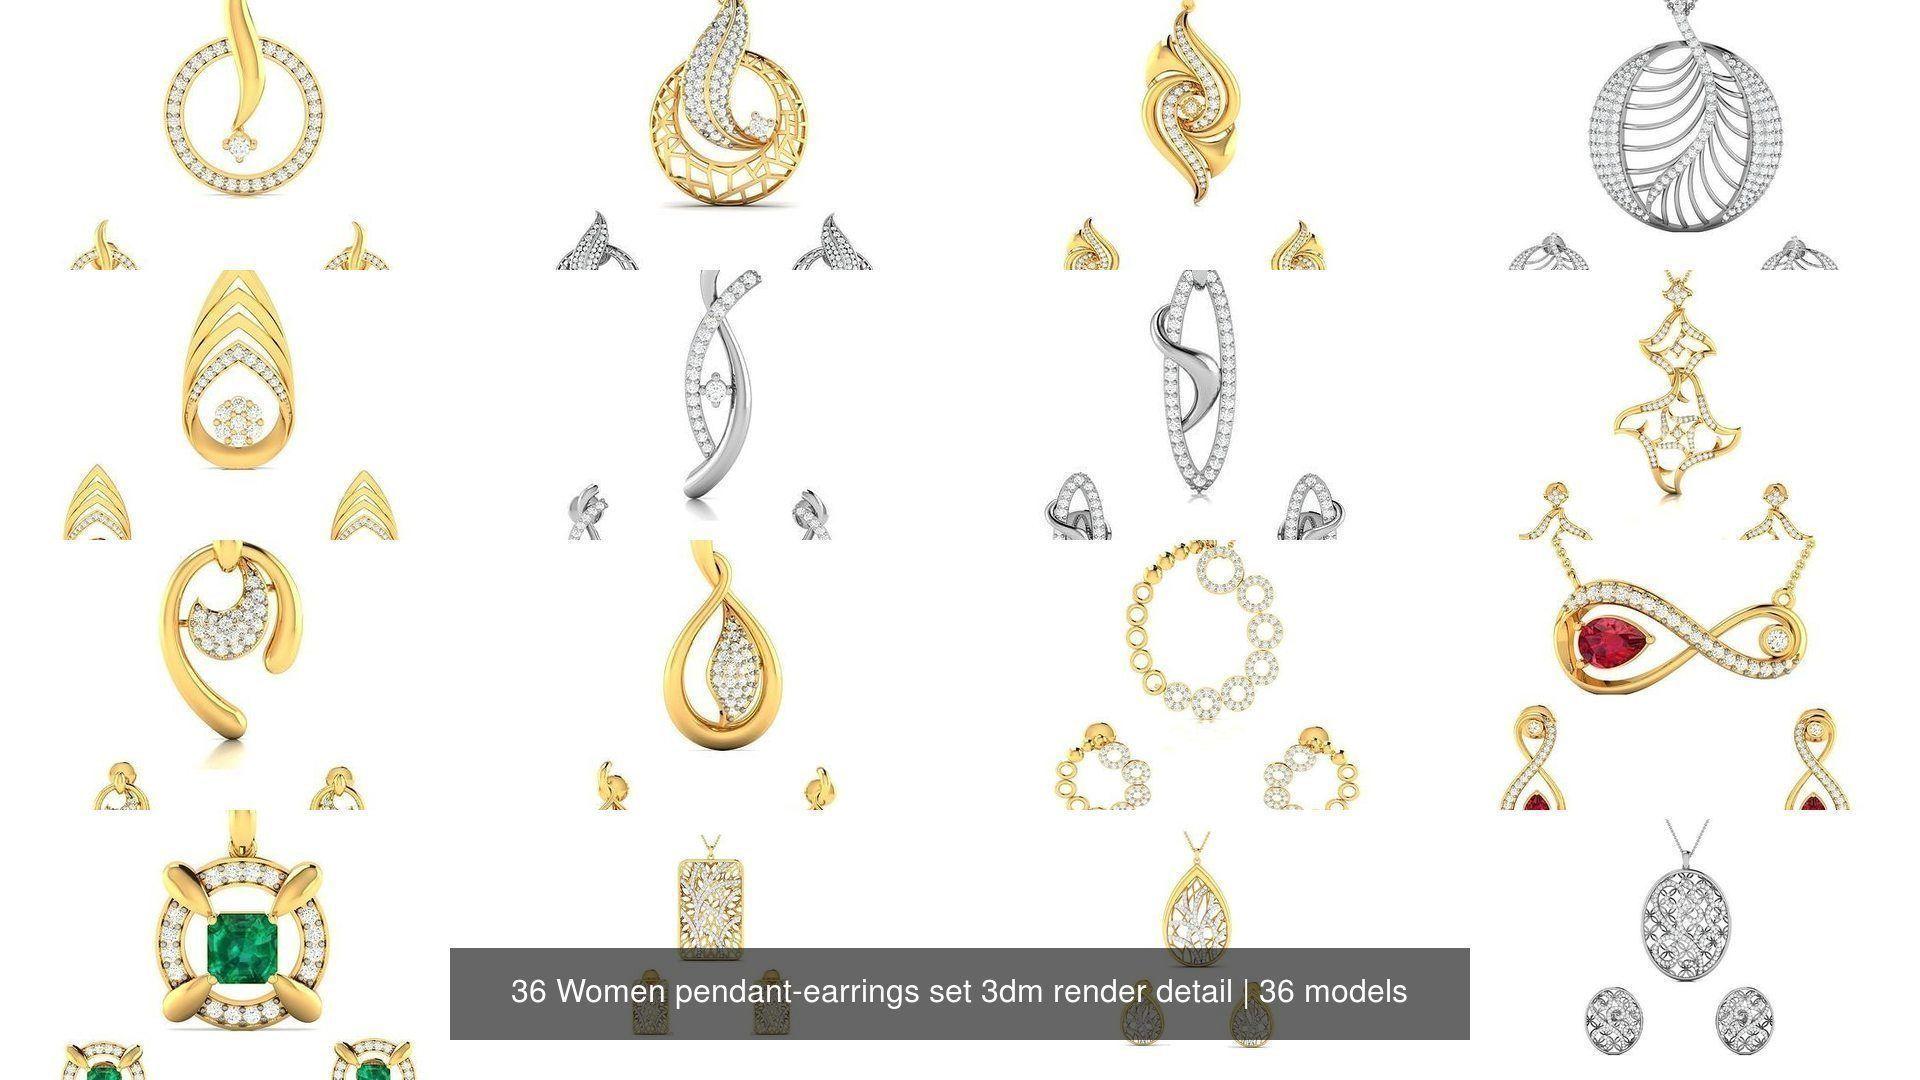 36 Women pendant-earrings set 3dm render detail